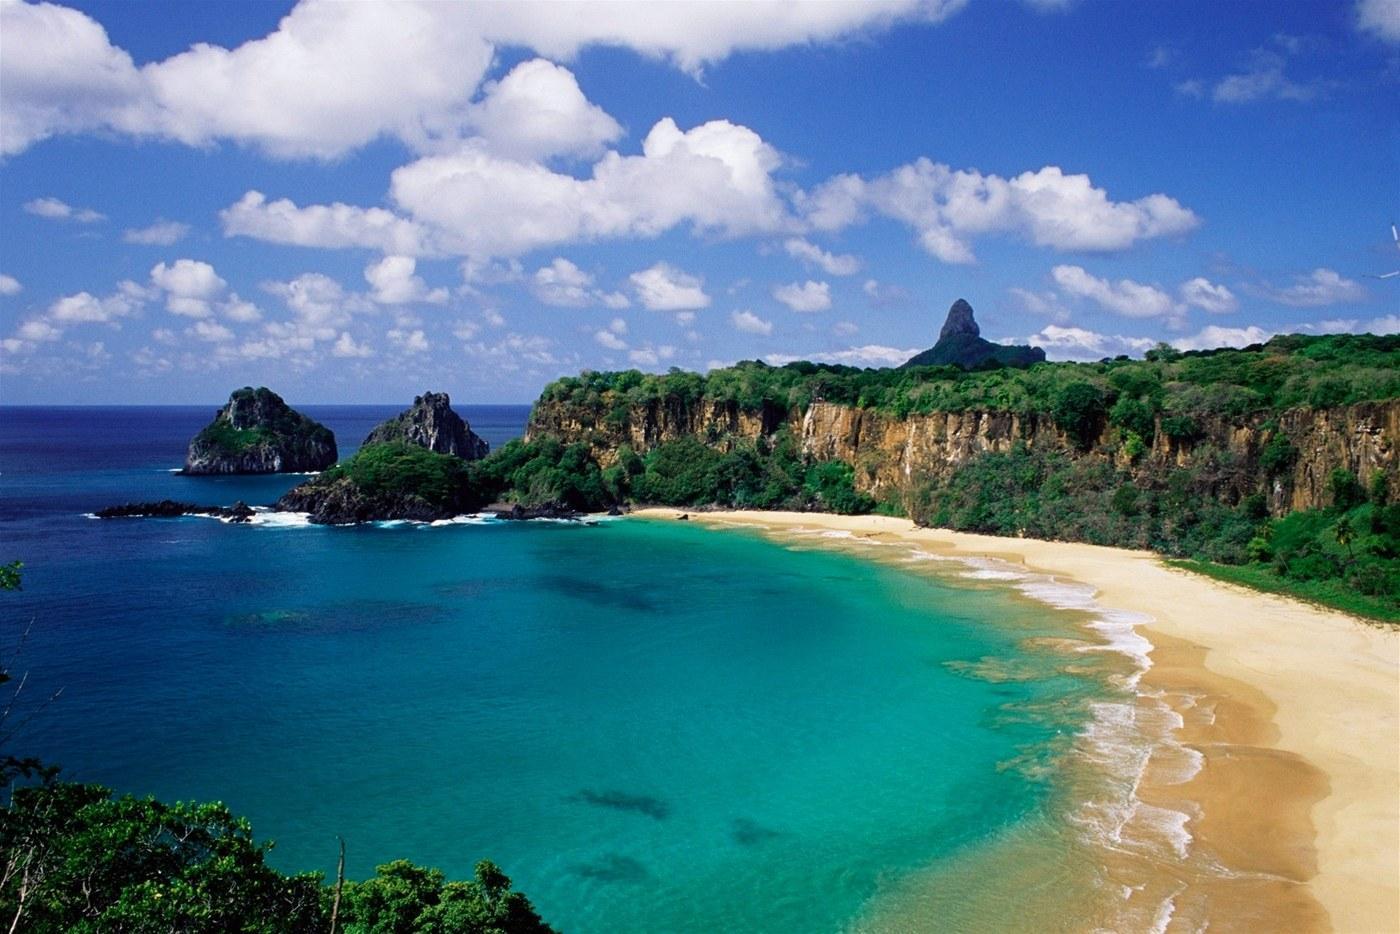 Đảo Cát Bà, Cát Hải, Hải Phòng